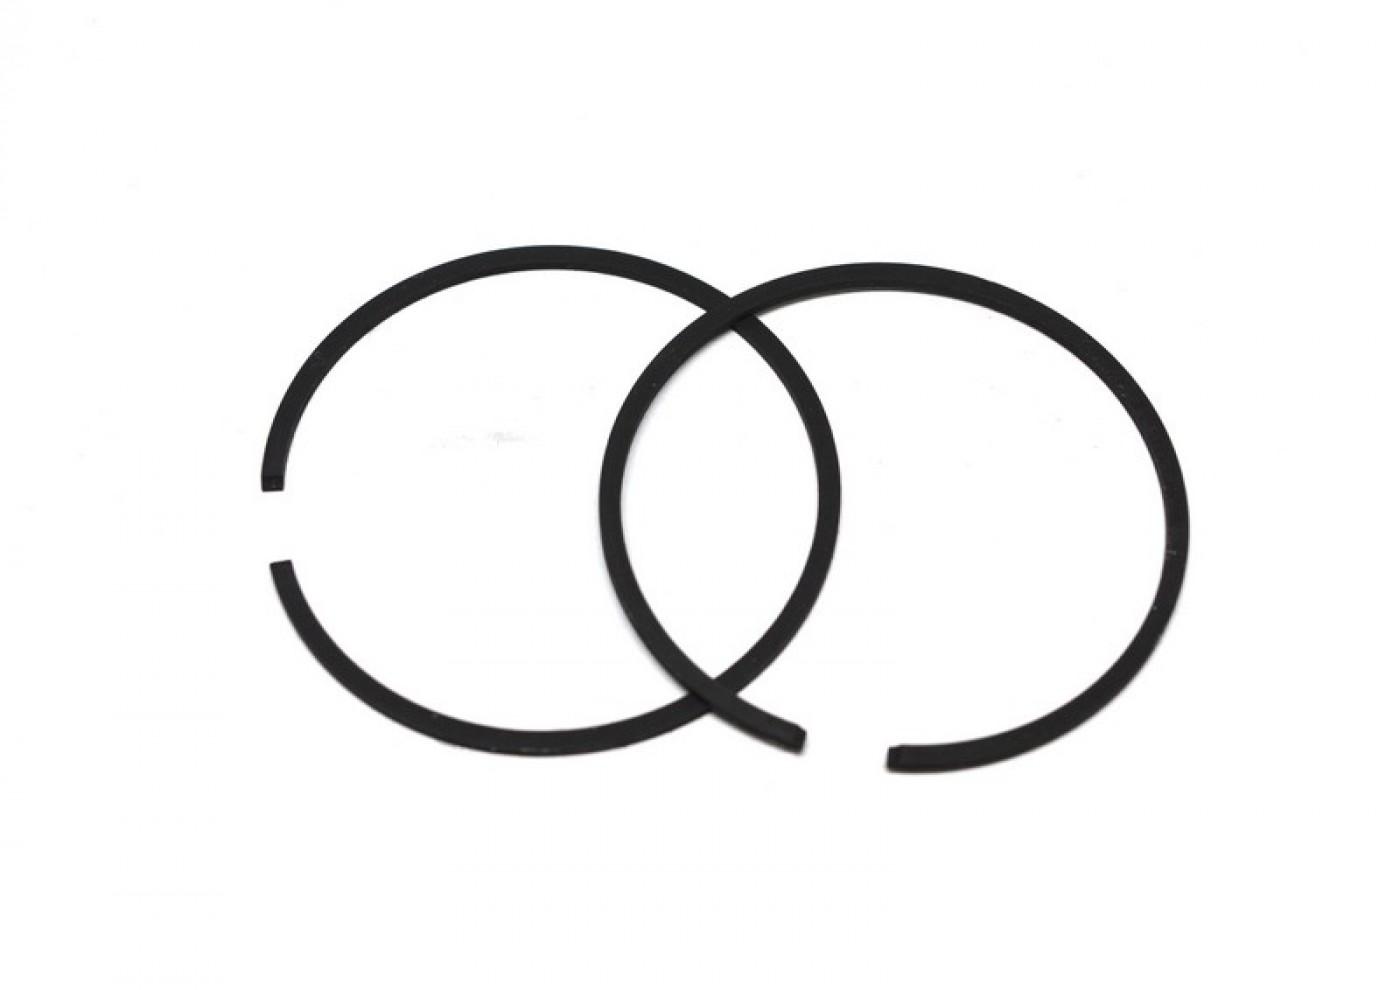 Sada pístních kroužků 54 mm x 1,2 mm